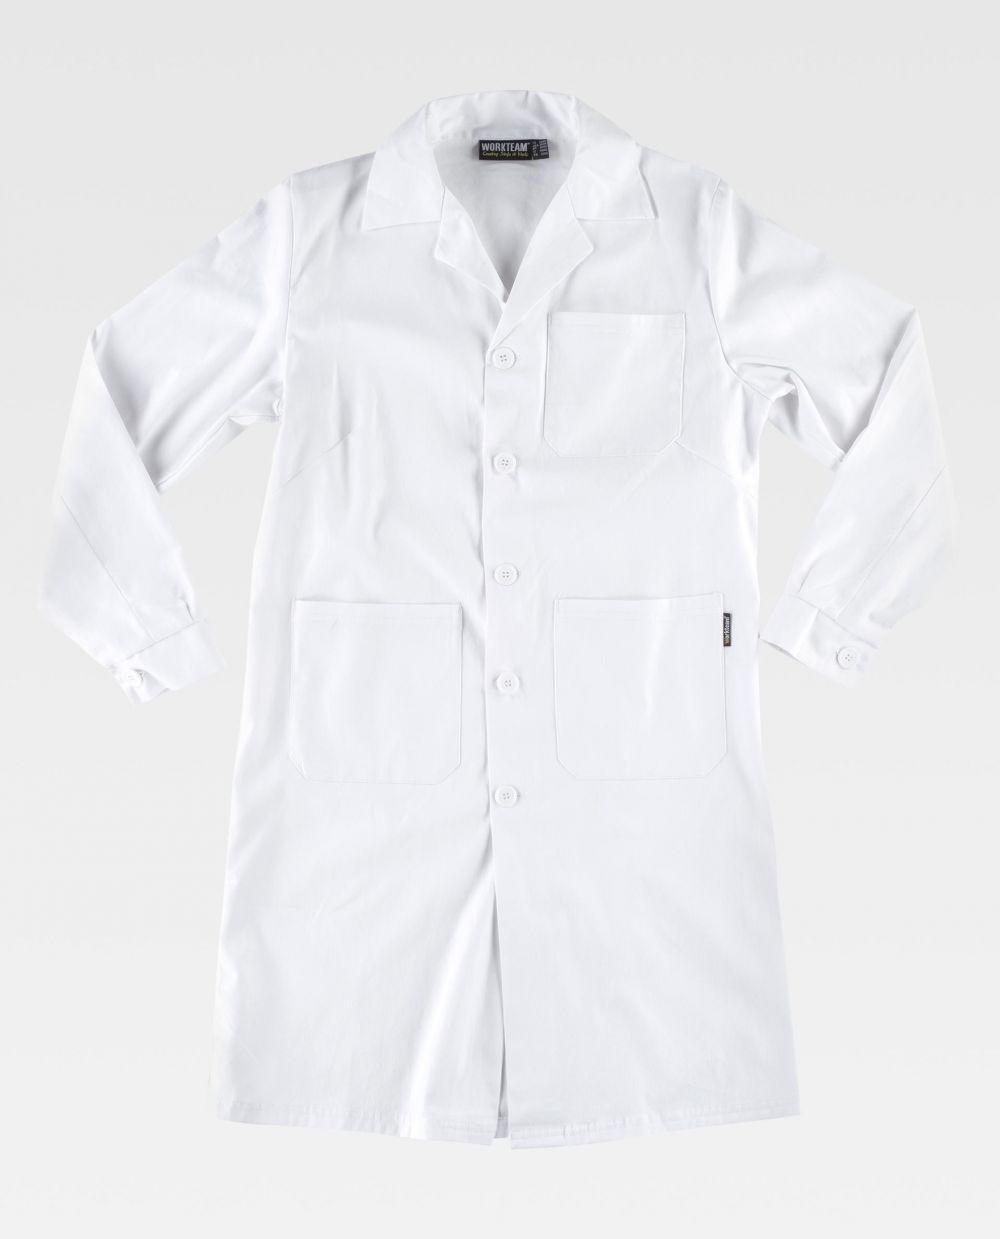 Batas médicas workteam b6111 de 100% algodón vista 2